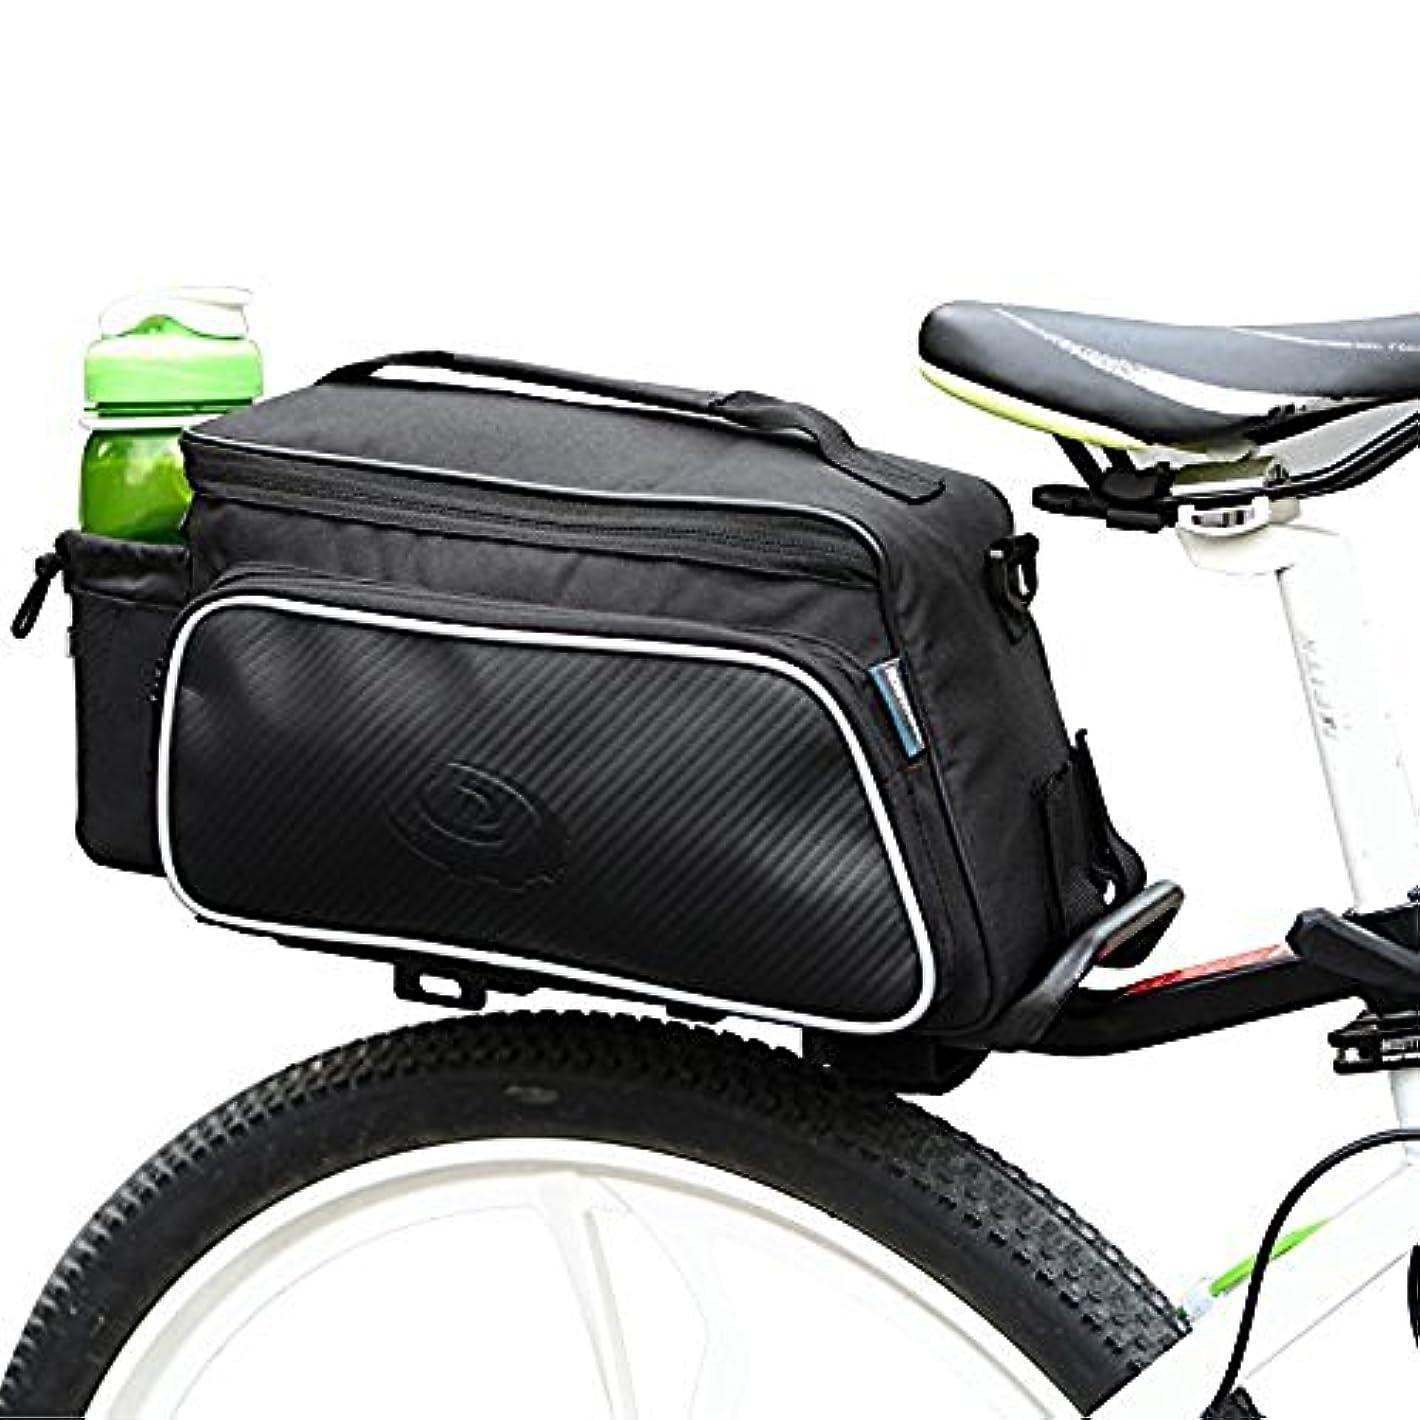 ドキドキランク月面Service-Fox 自転車 リアバッグ 多機能 大容量 サイクル 自転車リアキャリア取付用 トランクバッグ パニアバッグ 着脱式ショルダーストラップ付属 Roswheel